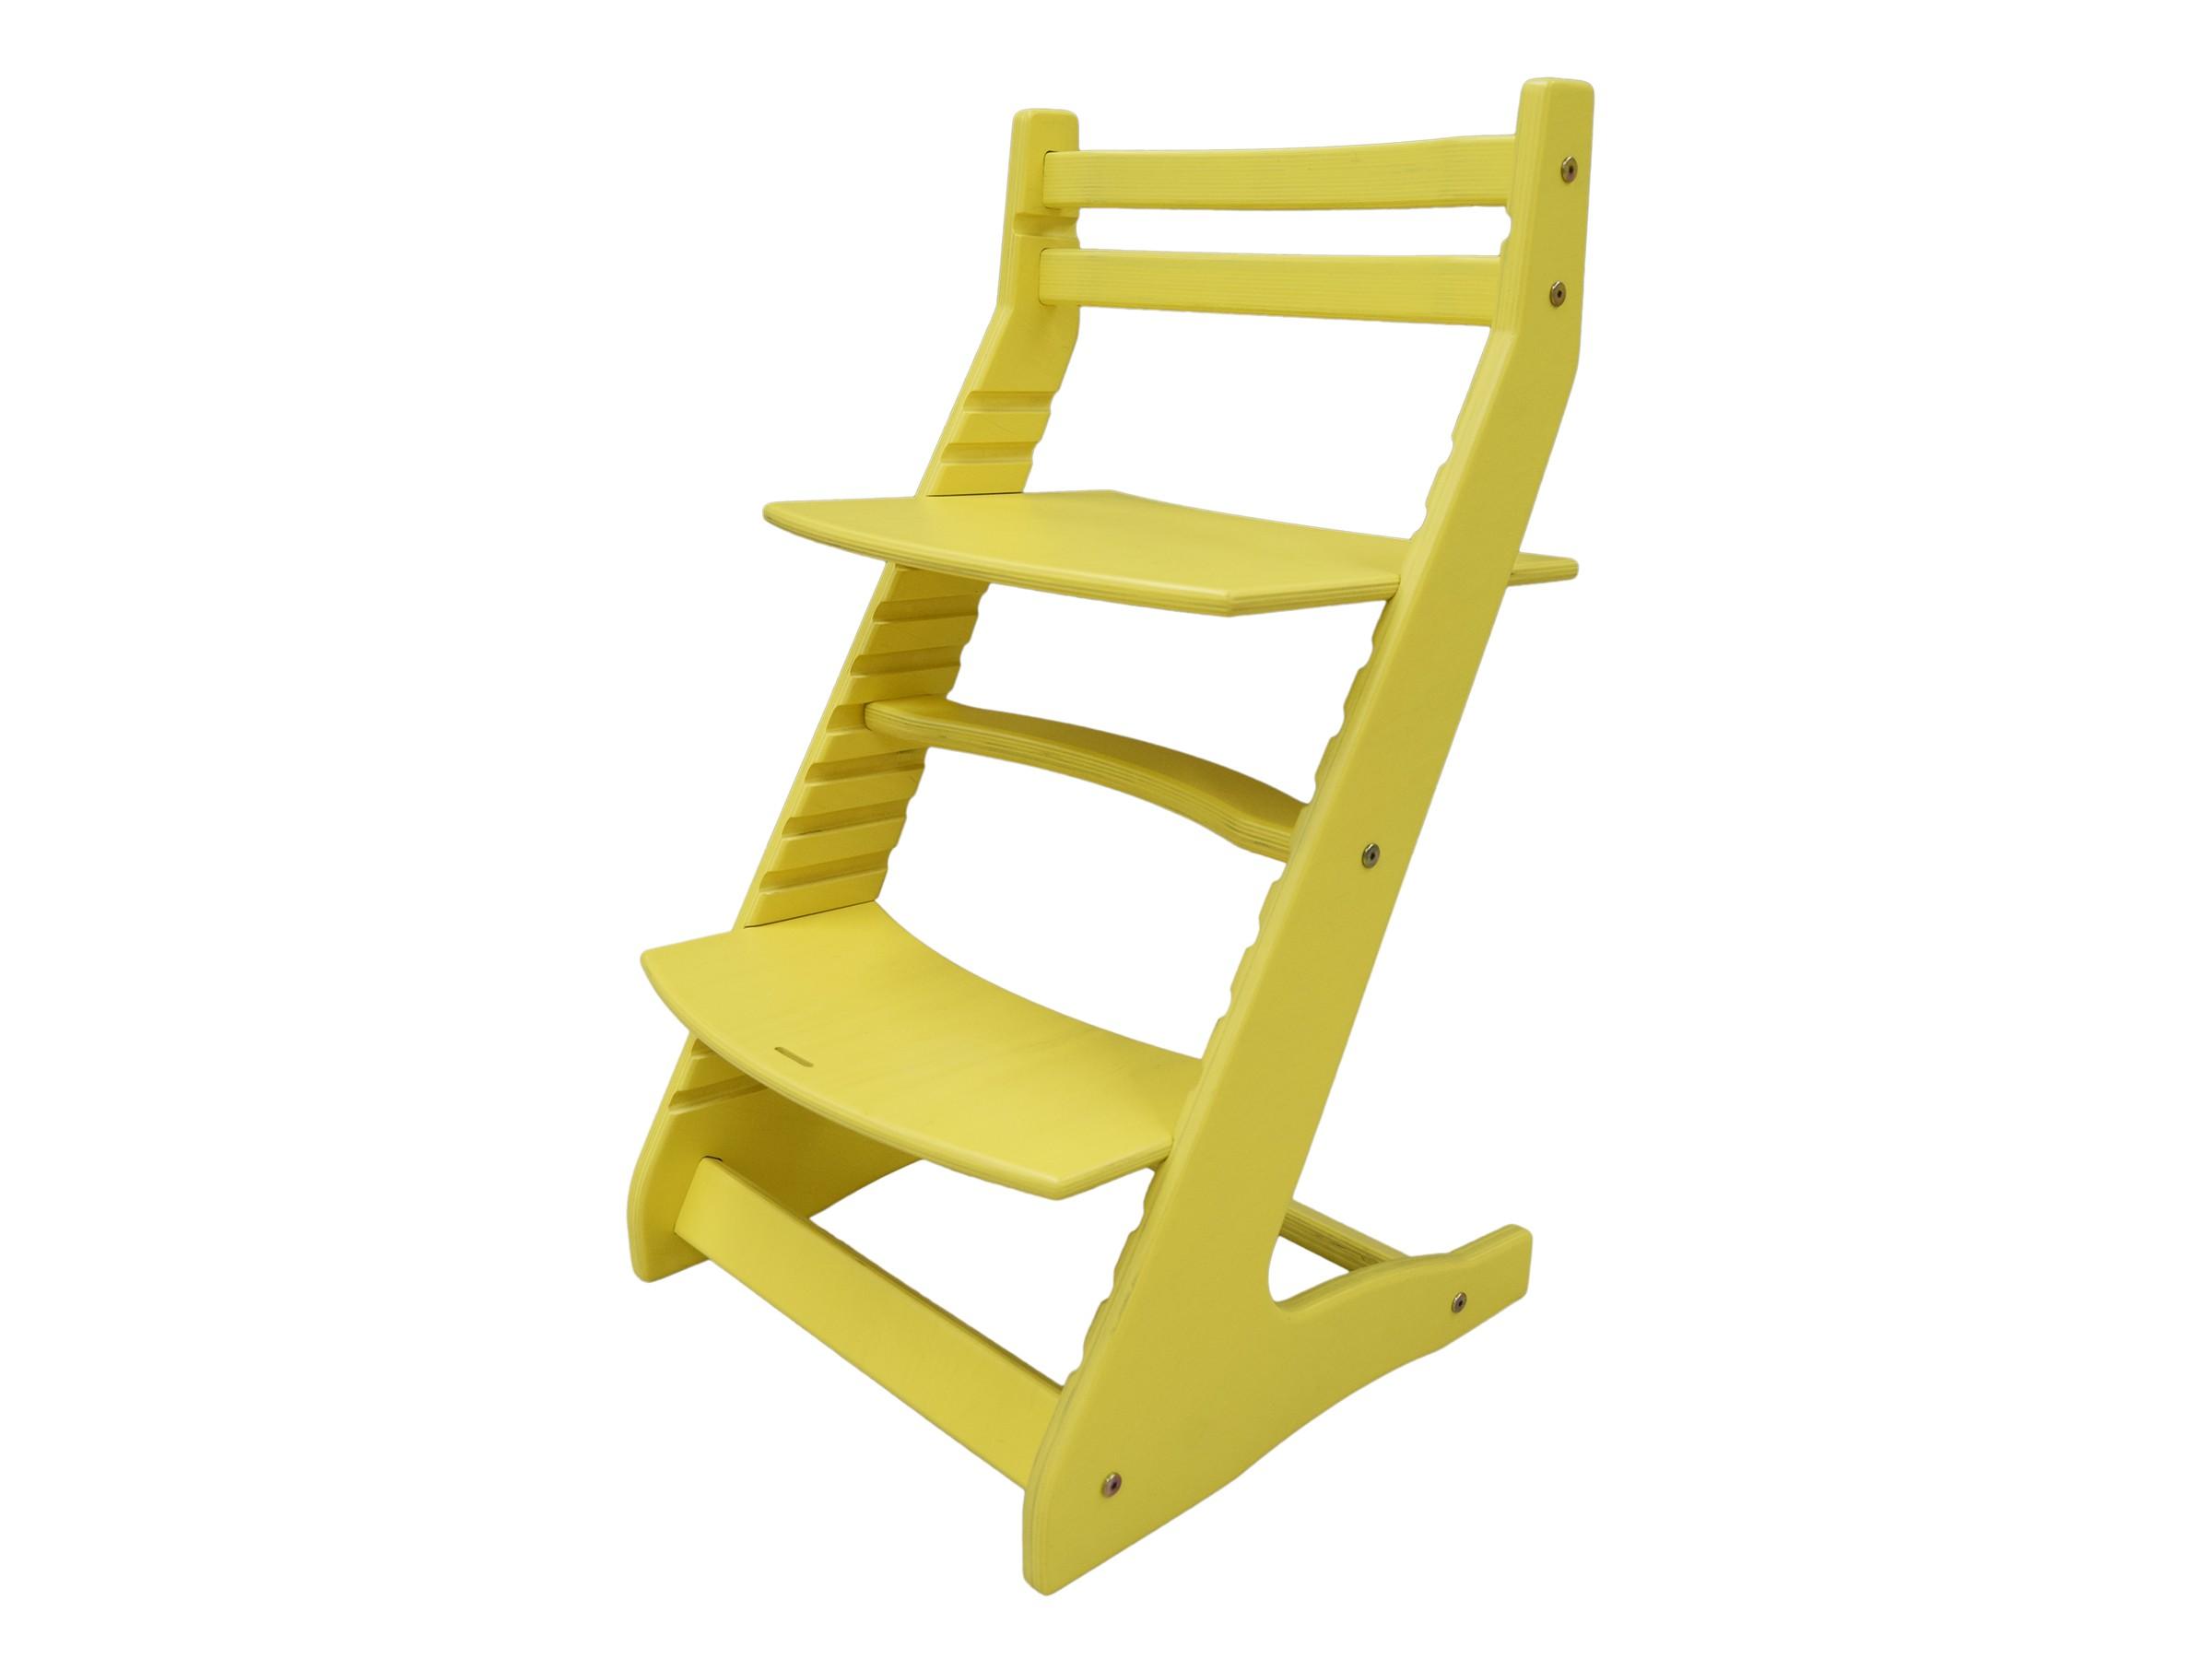 Стул детский ВырастайкаДетские стулья<br>Растущие стулья «Вырастайка» нравятся и детям, и взрослым: их лаконичный дизайн и яркая цветовая палитра отлично смотрятся в детской комнате, а высокое качество исполнения и продуманная конструкция помогают заботиться о здоровье малыша. <br>Если вы хотите сформировать у своего ребенка правильную осанку, стоит подобрать ему мебель, соответствующую его росту и фигуре. Даже если ваше чадо растет очень быстро, стульчик «Вырастайка» будет расти одновременно с ним: меняя высоту и глубину сидения, вы легко отрегулируете его положение так, чтобы малыш мог принять правильную позу, не чувствуя при этом дискомфорта. Стулья «Вырастайка» производятся из экологически чистых материалов: легкая и прочная березовая фанера выдерживает массу до 100 кг. Стульчик сложно раскачать или опрокинуть, поэтому вы сможете быть спокойны за безопасность вашего малыша.<br><br>kit: None<br>gender: None